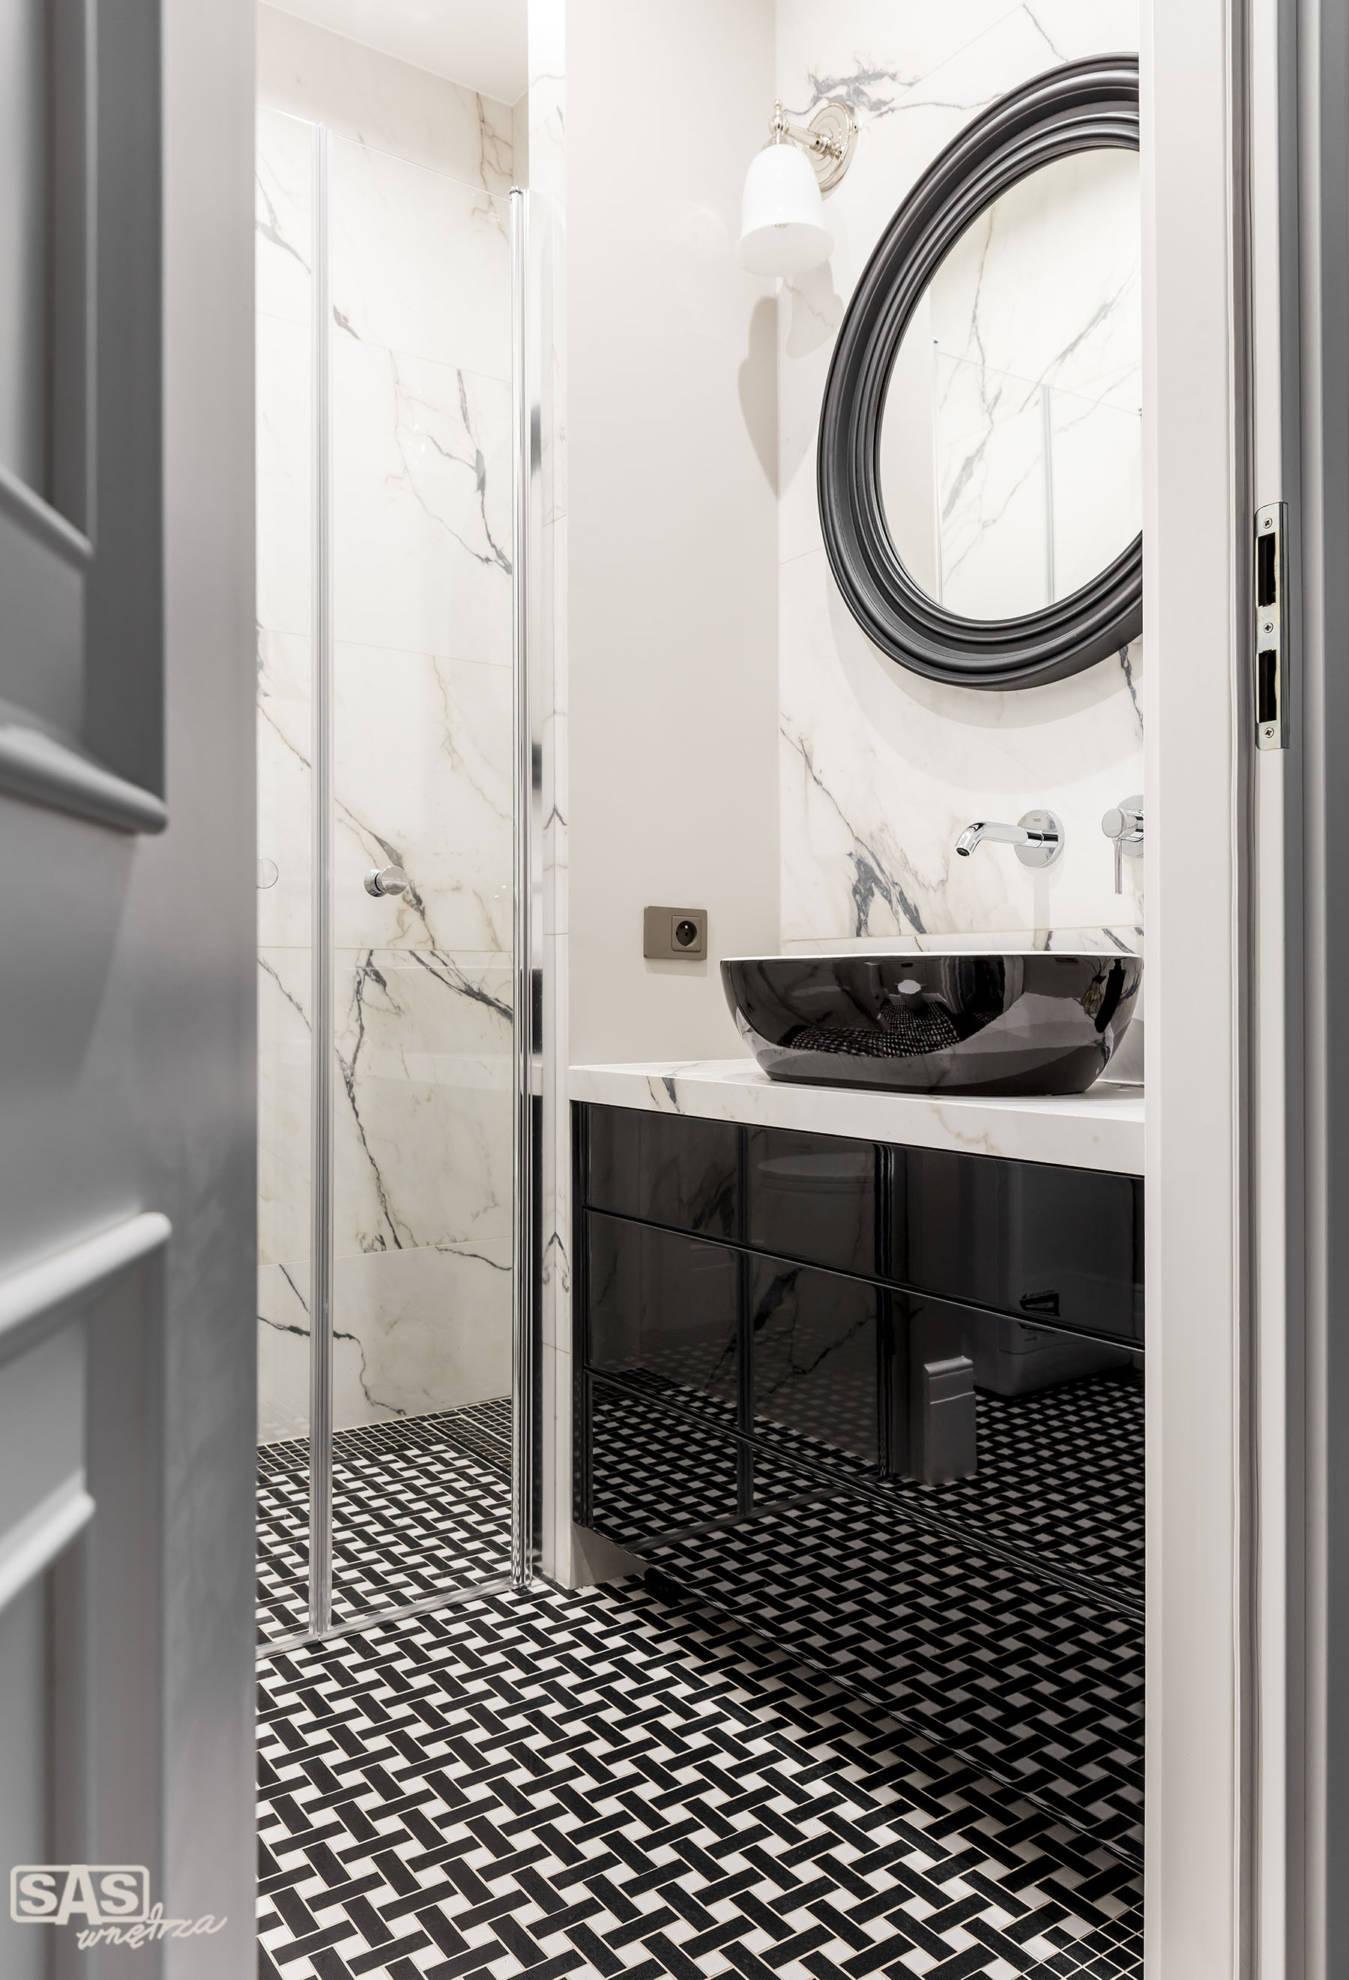 Aranżacja łazienki - meble łazienkowe na miarę wykonanie SAs Wnętrza i Kuchnie - projekt architekt wnętrz Emilia Strzempek Plasun.